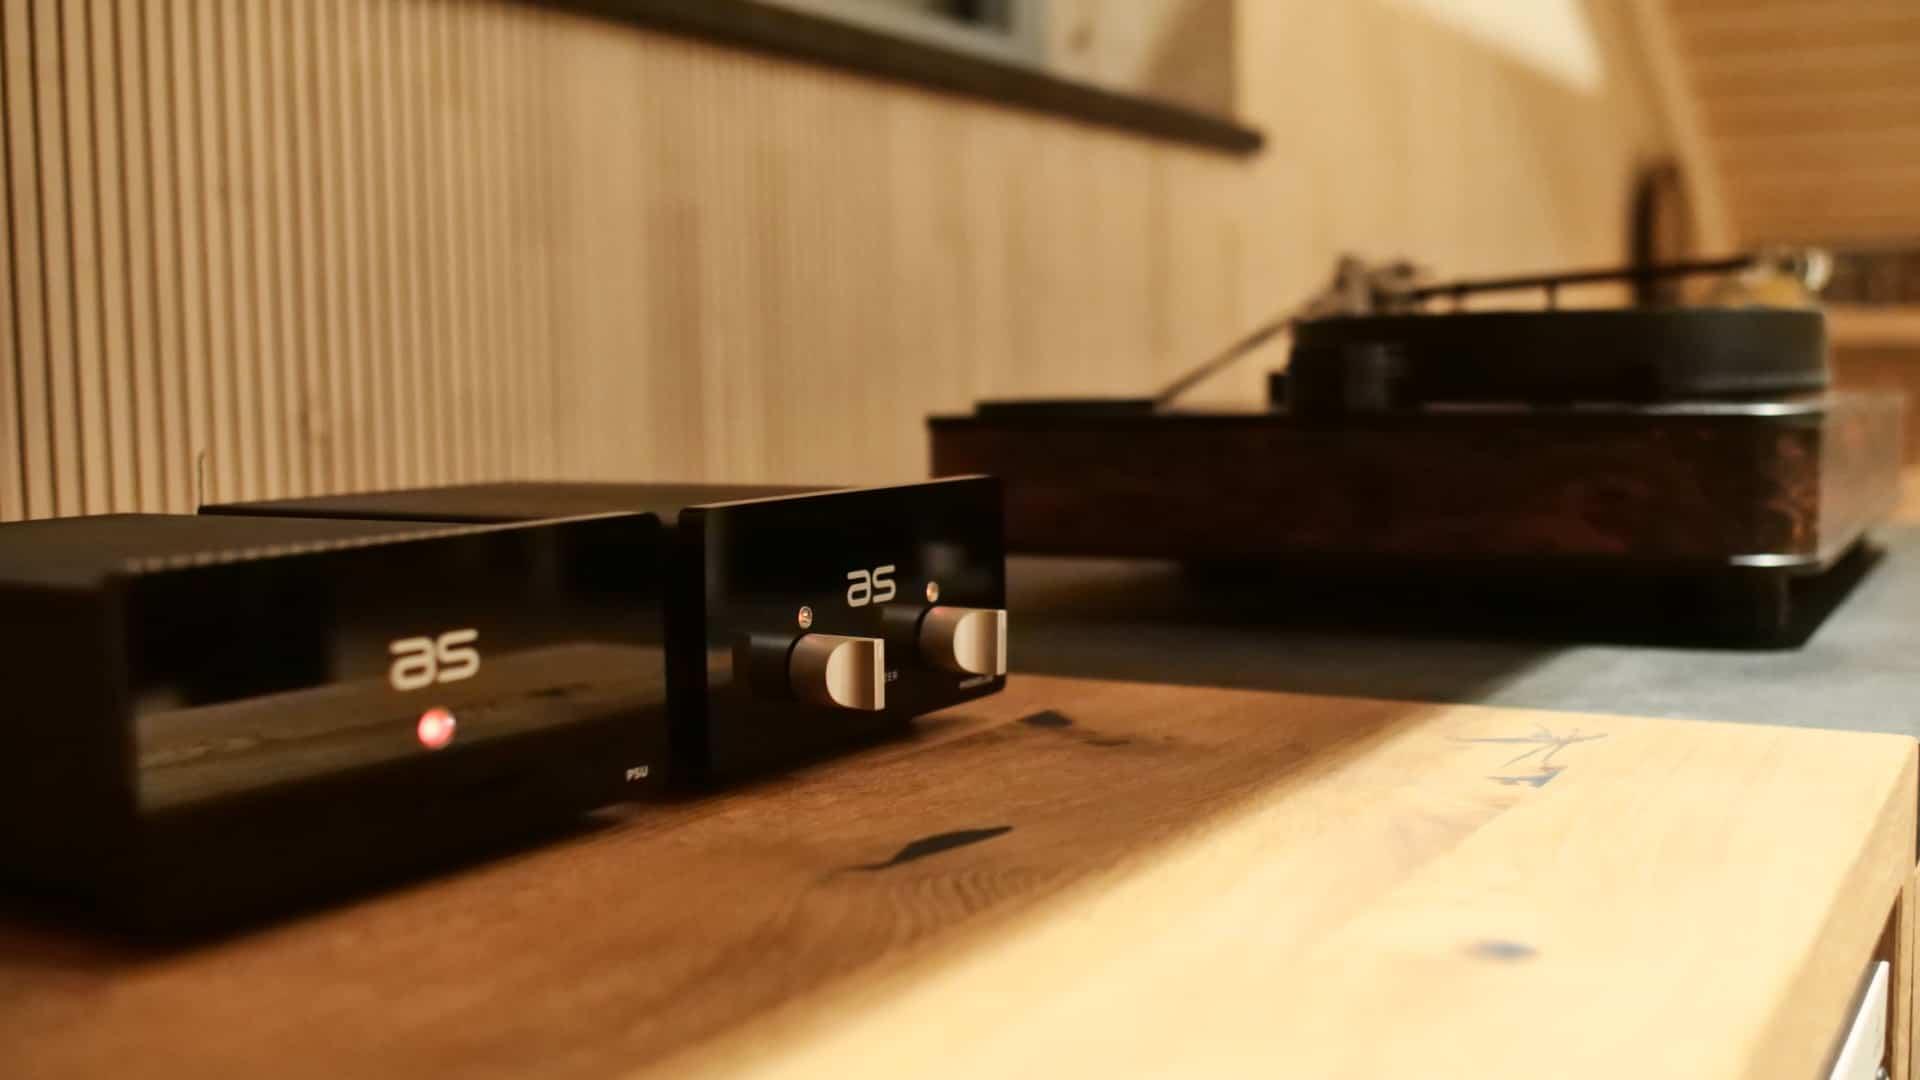 Der Audiospecials Phonolab Vorverstärker macht eine gute Figur auf dem Rack